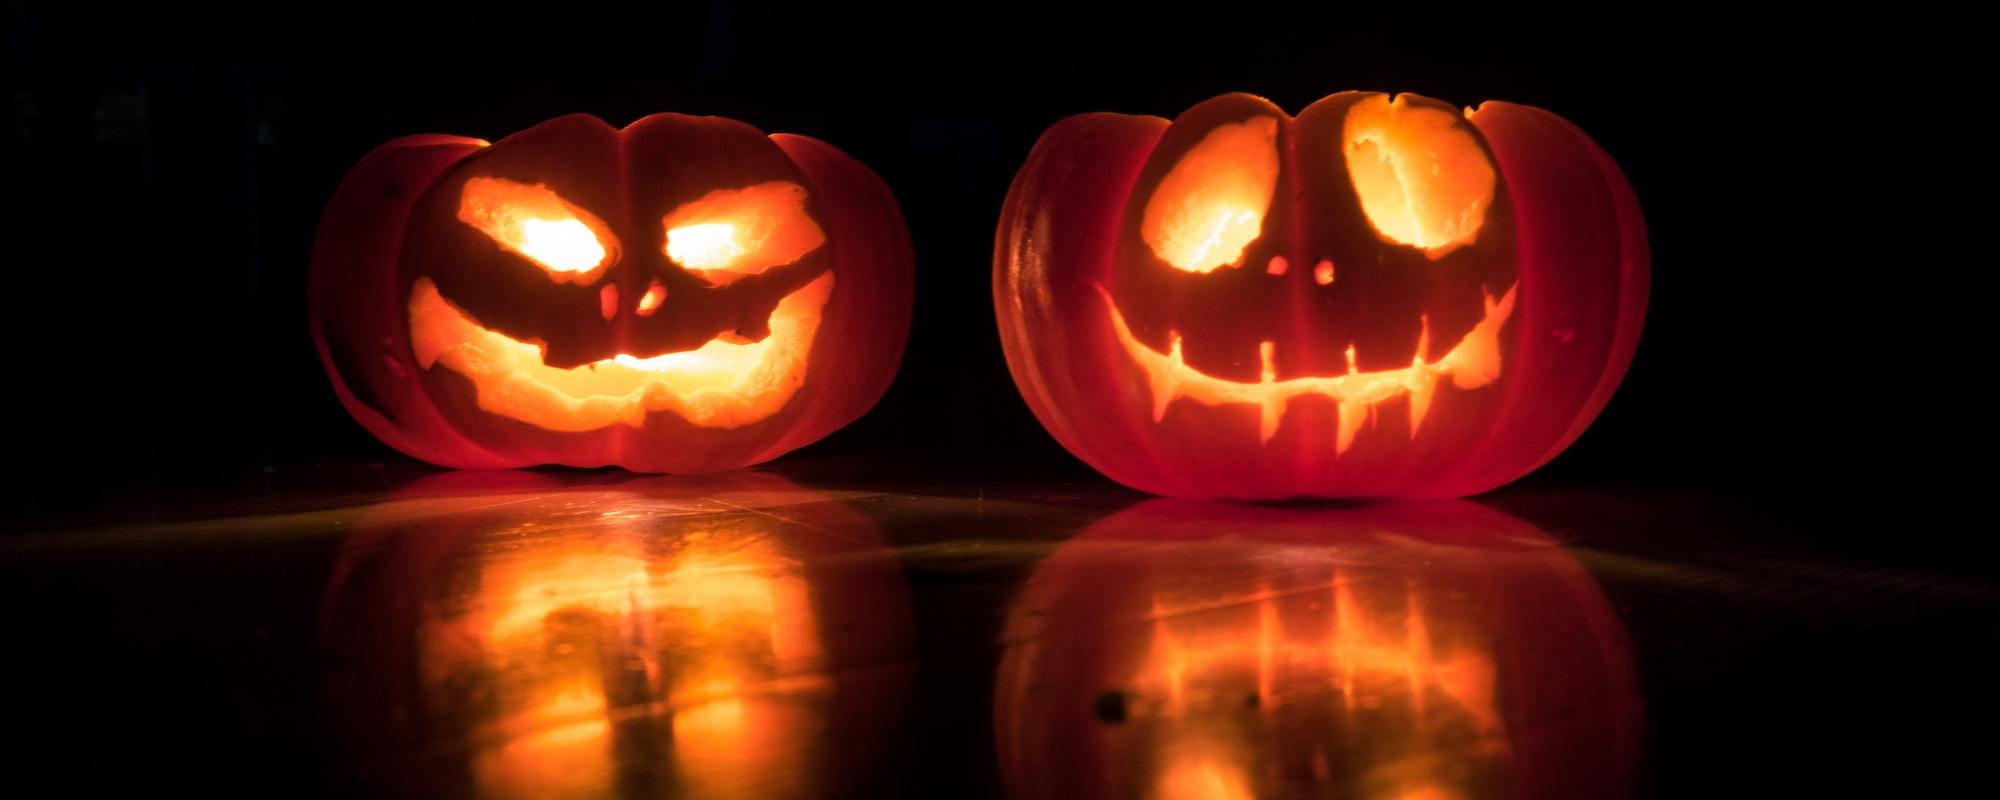 Två stycken halloween-pumpor lyser.